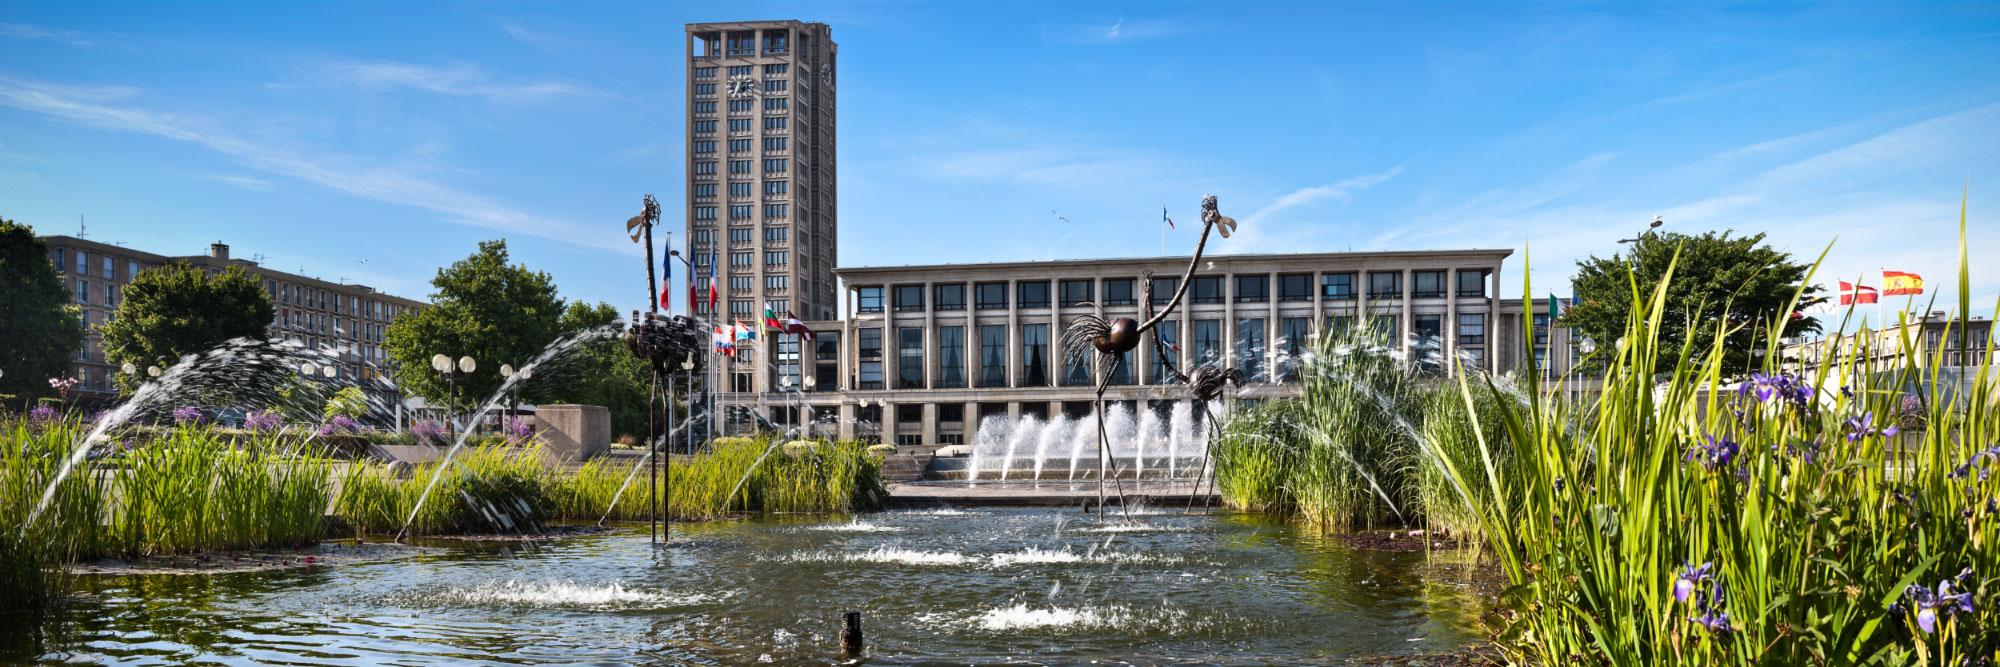 Photos Centre Ville Du Havre